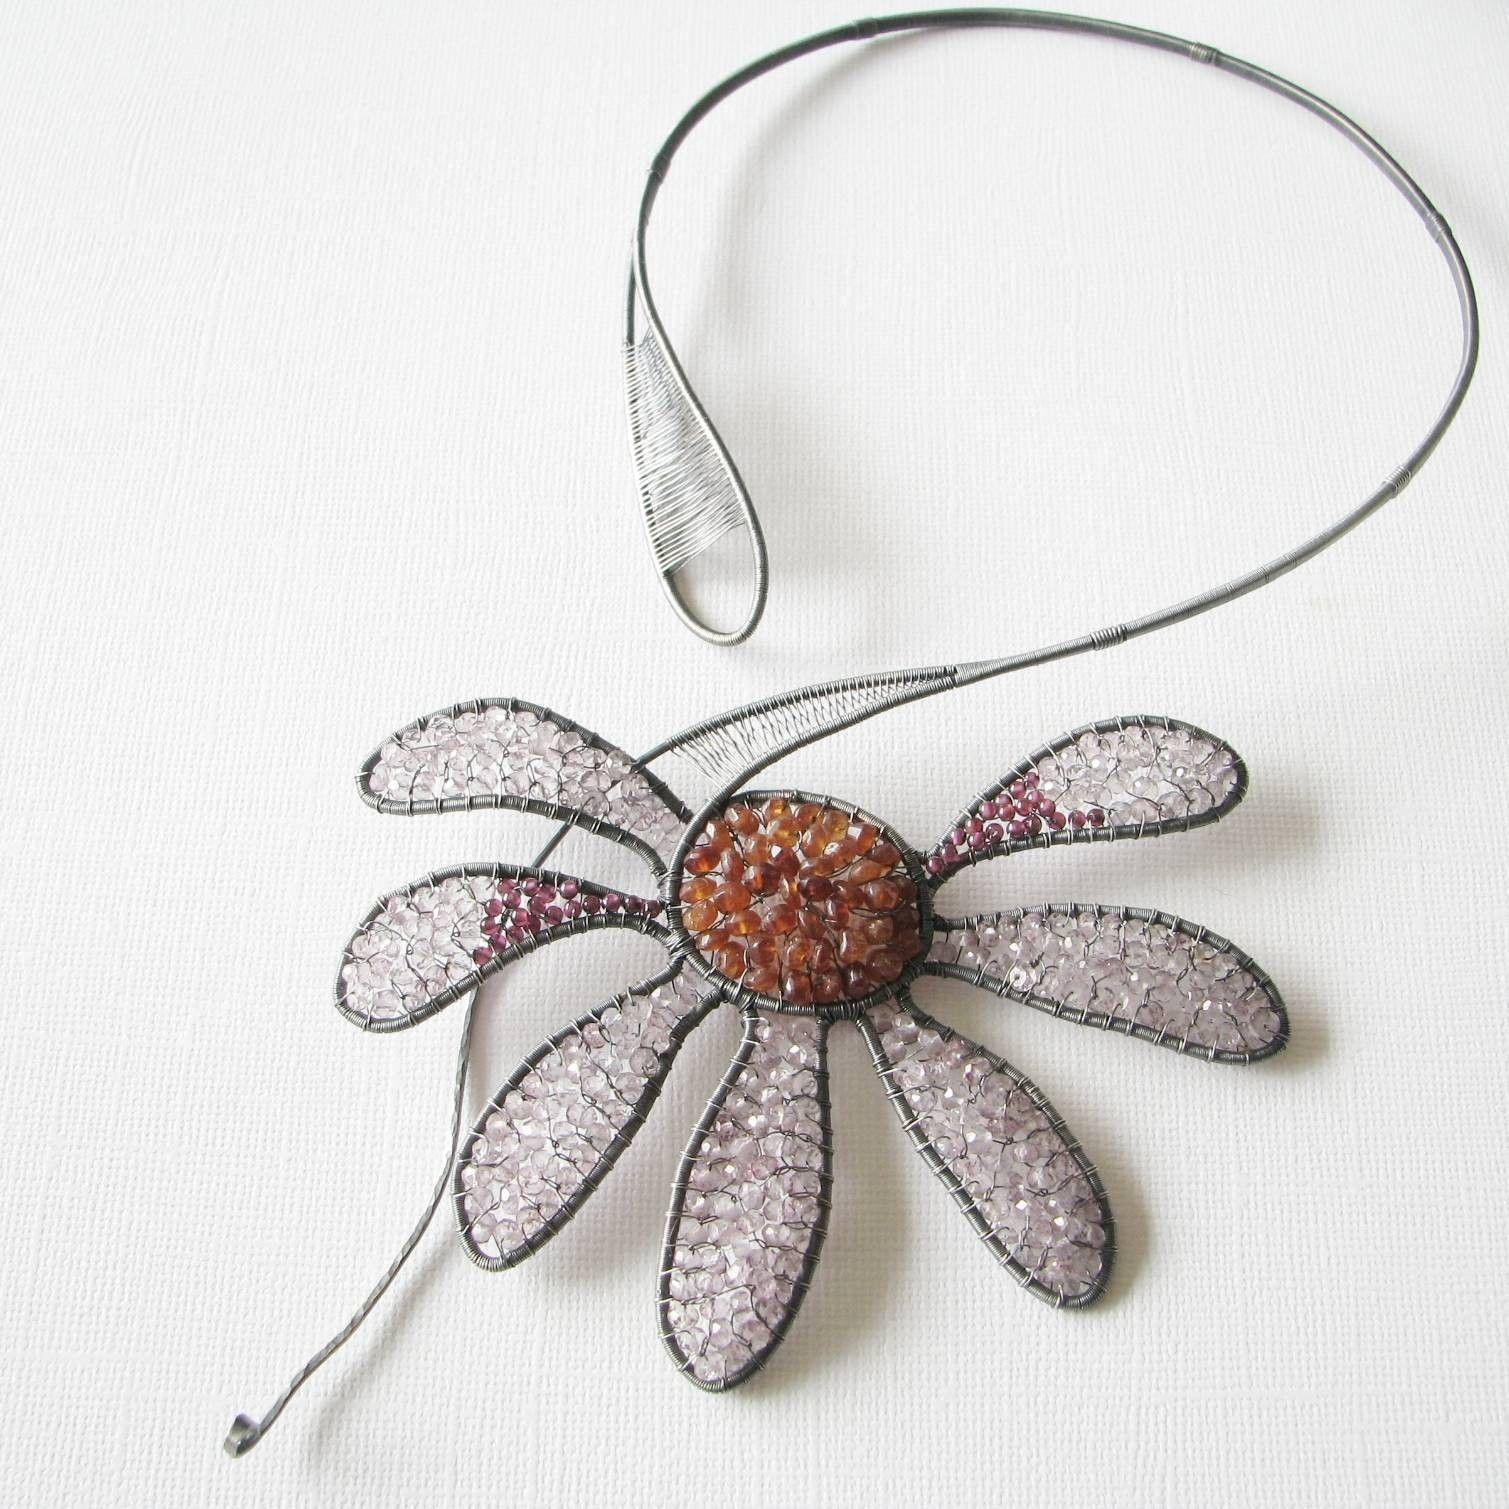 Wire Jewelry Pendants | Echinacea Purpurea, unique wire wrapped ...